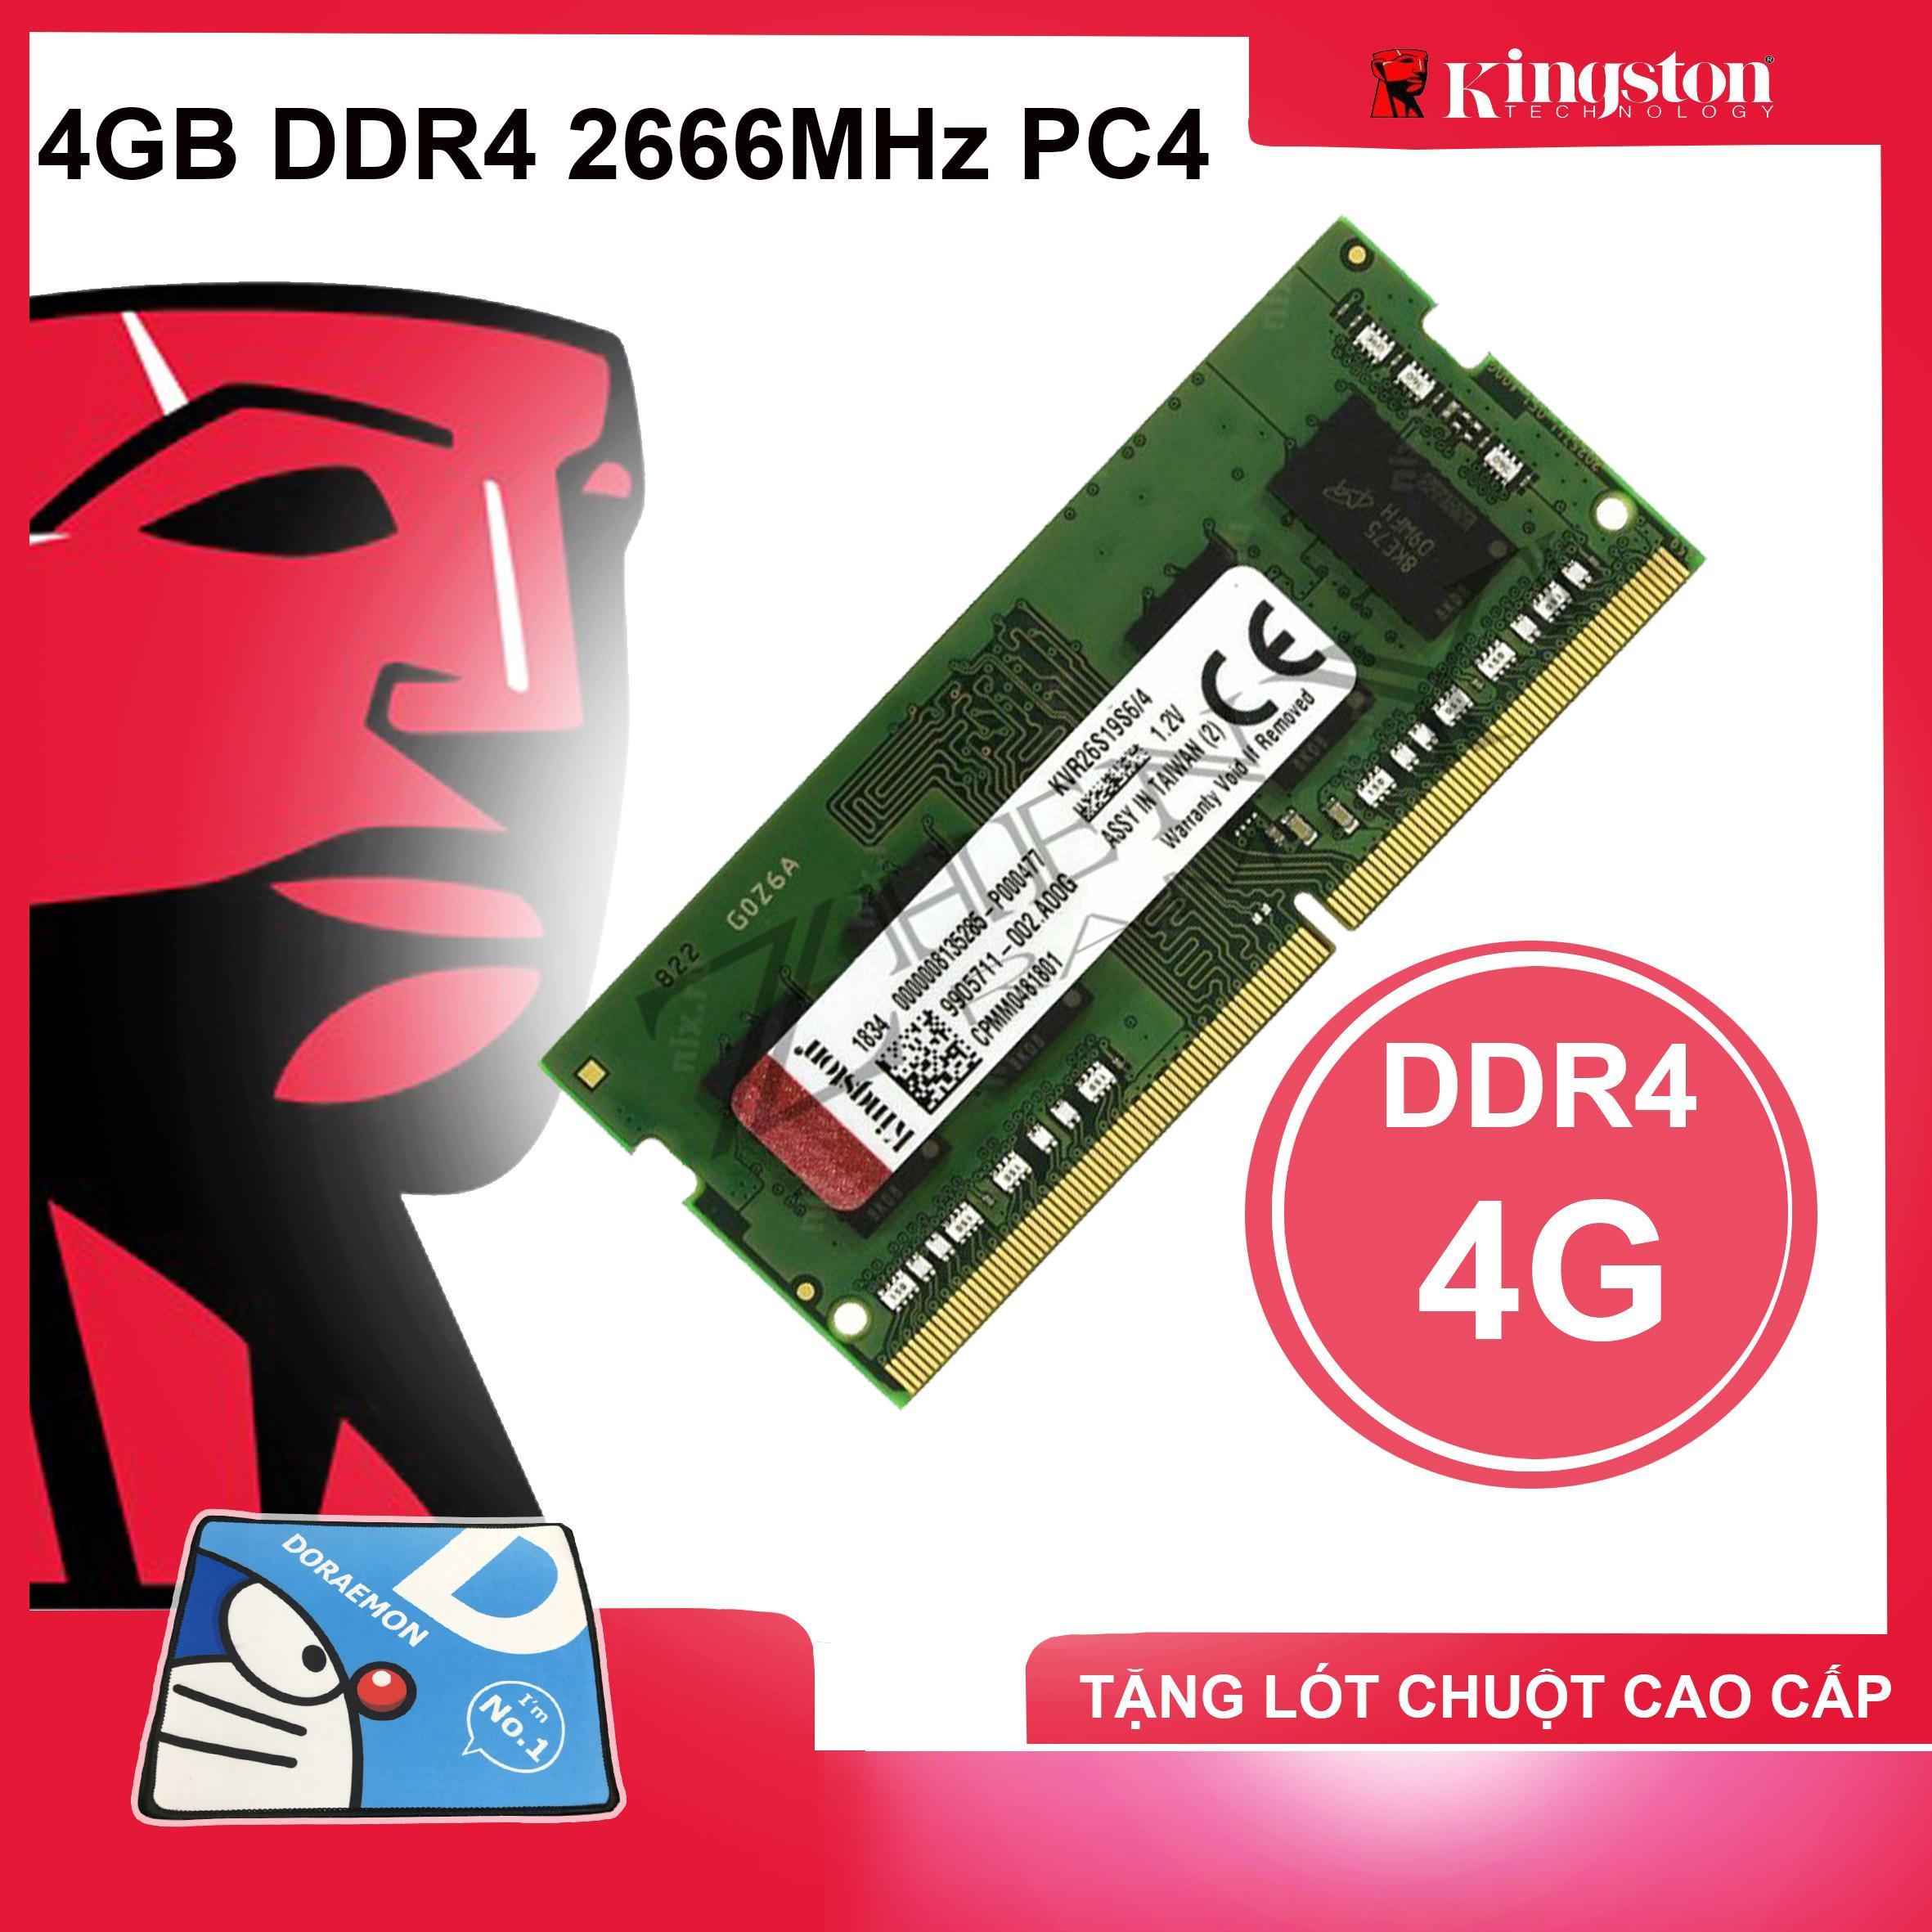 Ram Laptop Kingston 4GB DDR4 2666MHz PC4 Dùng Cho Macbook Bảo Hành 36 Tháng 1 Đổi 1